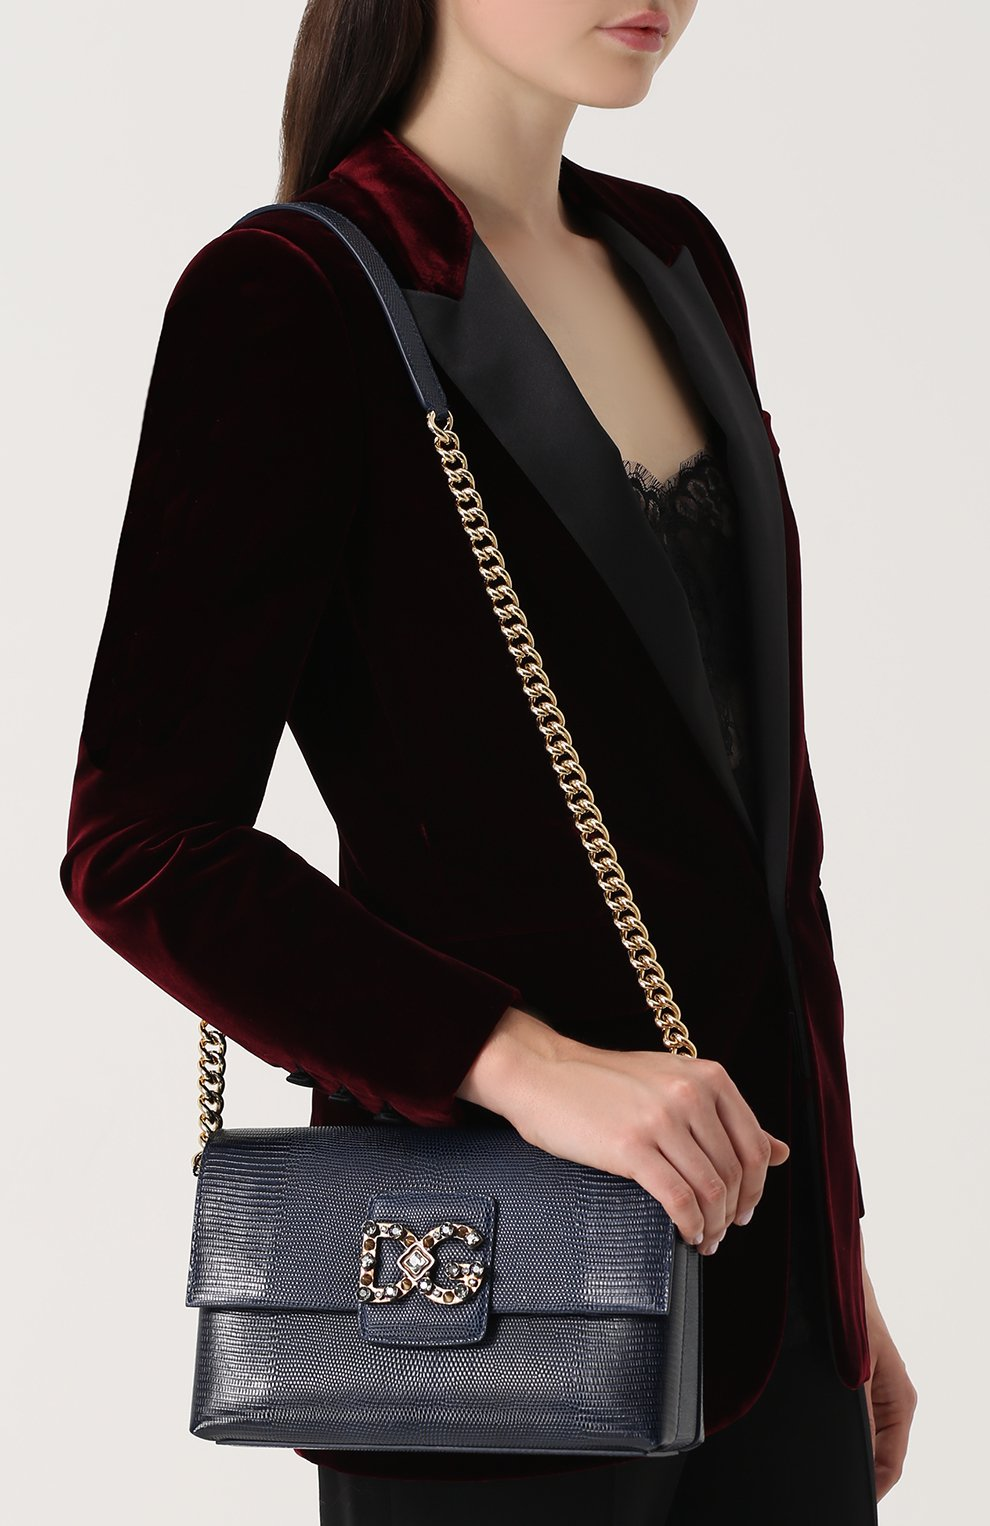 Сумка DG Millennials Dolce & Gabbana темно-синяя цвета | Фото №5